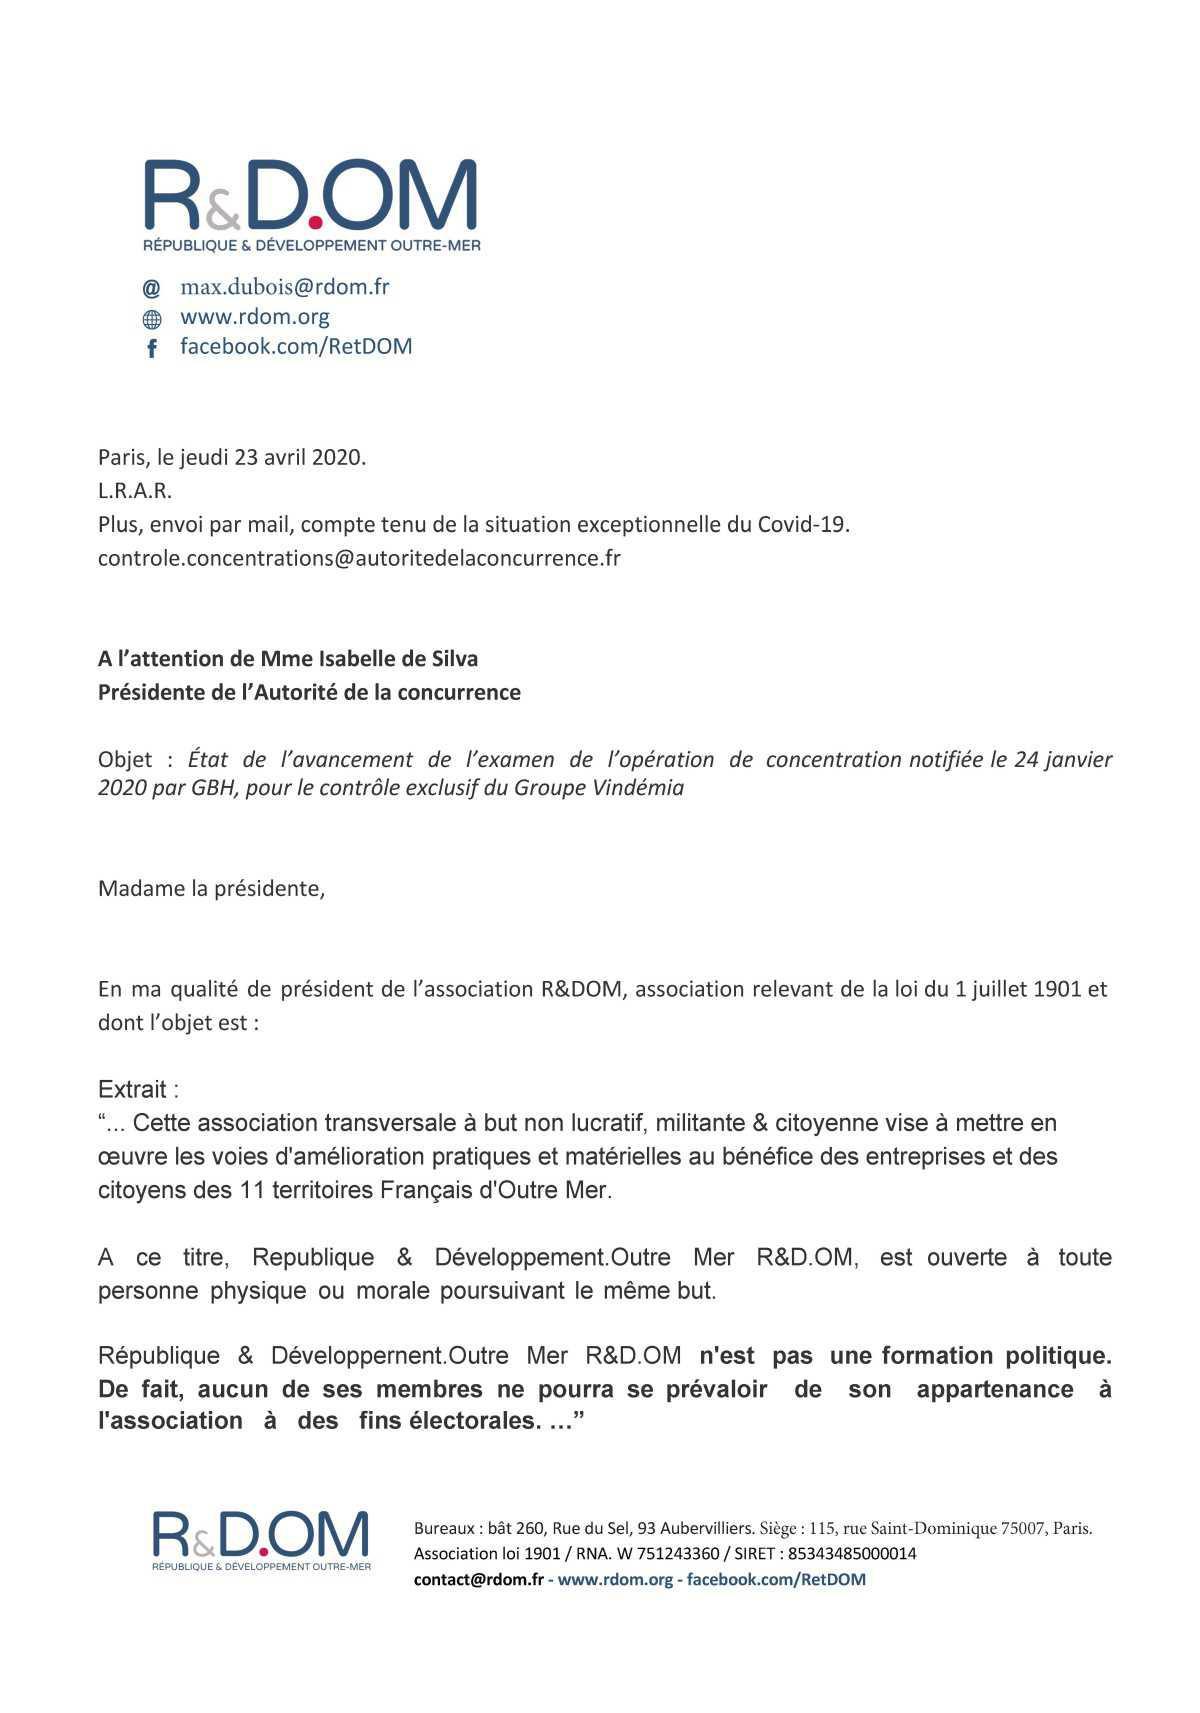 Pourquoi R&DOM s'oppose au rachat de Vindémia par GBH ?